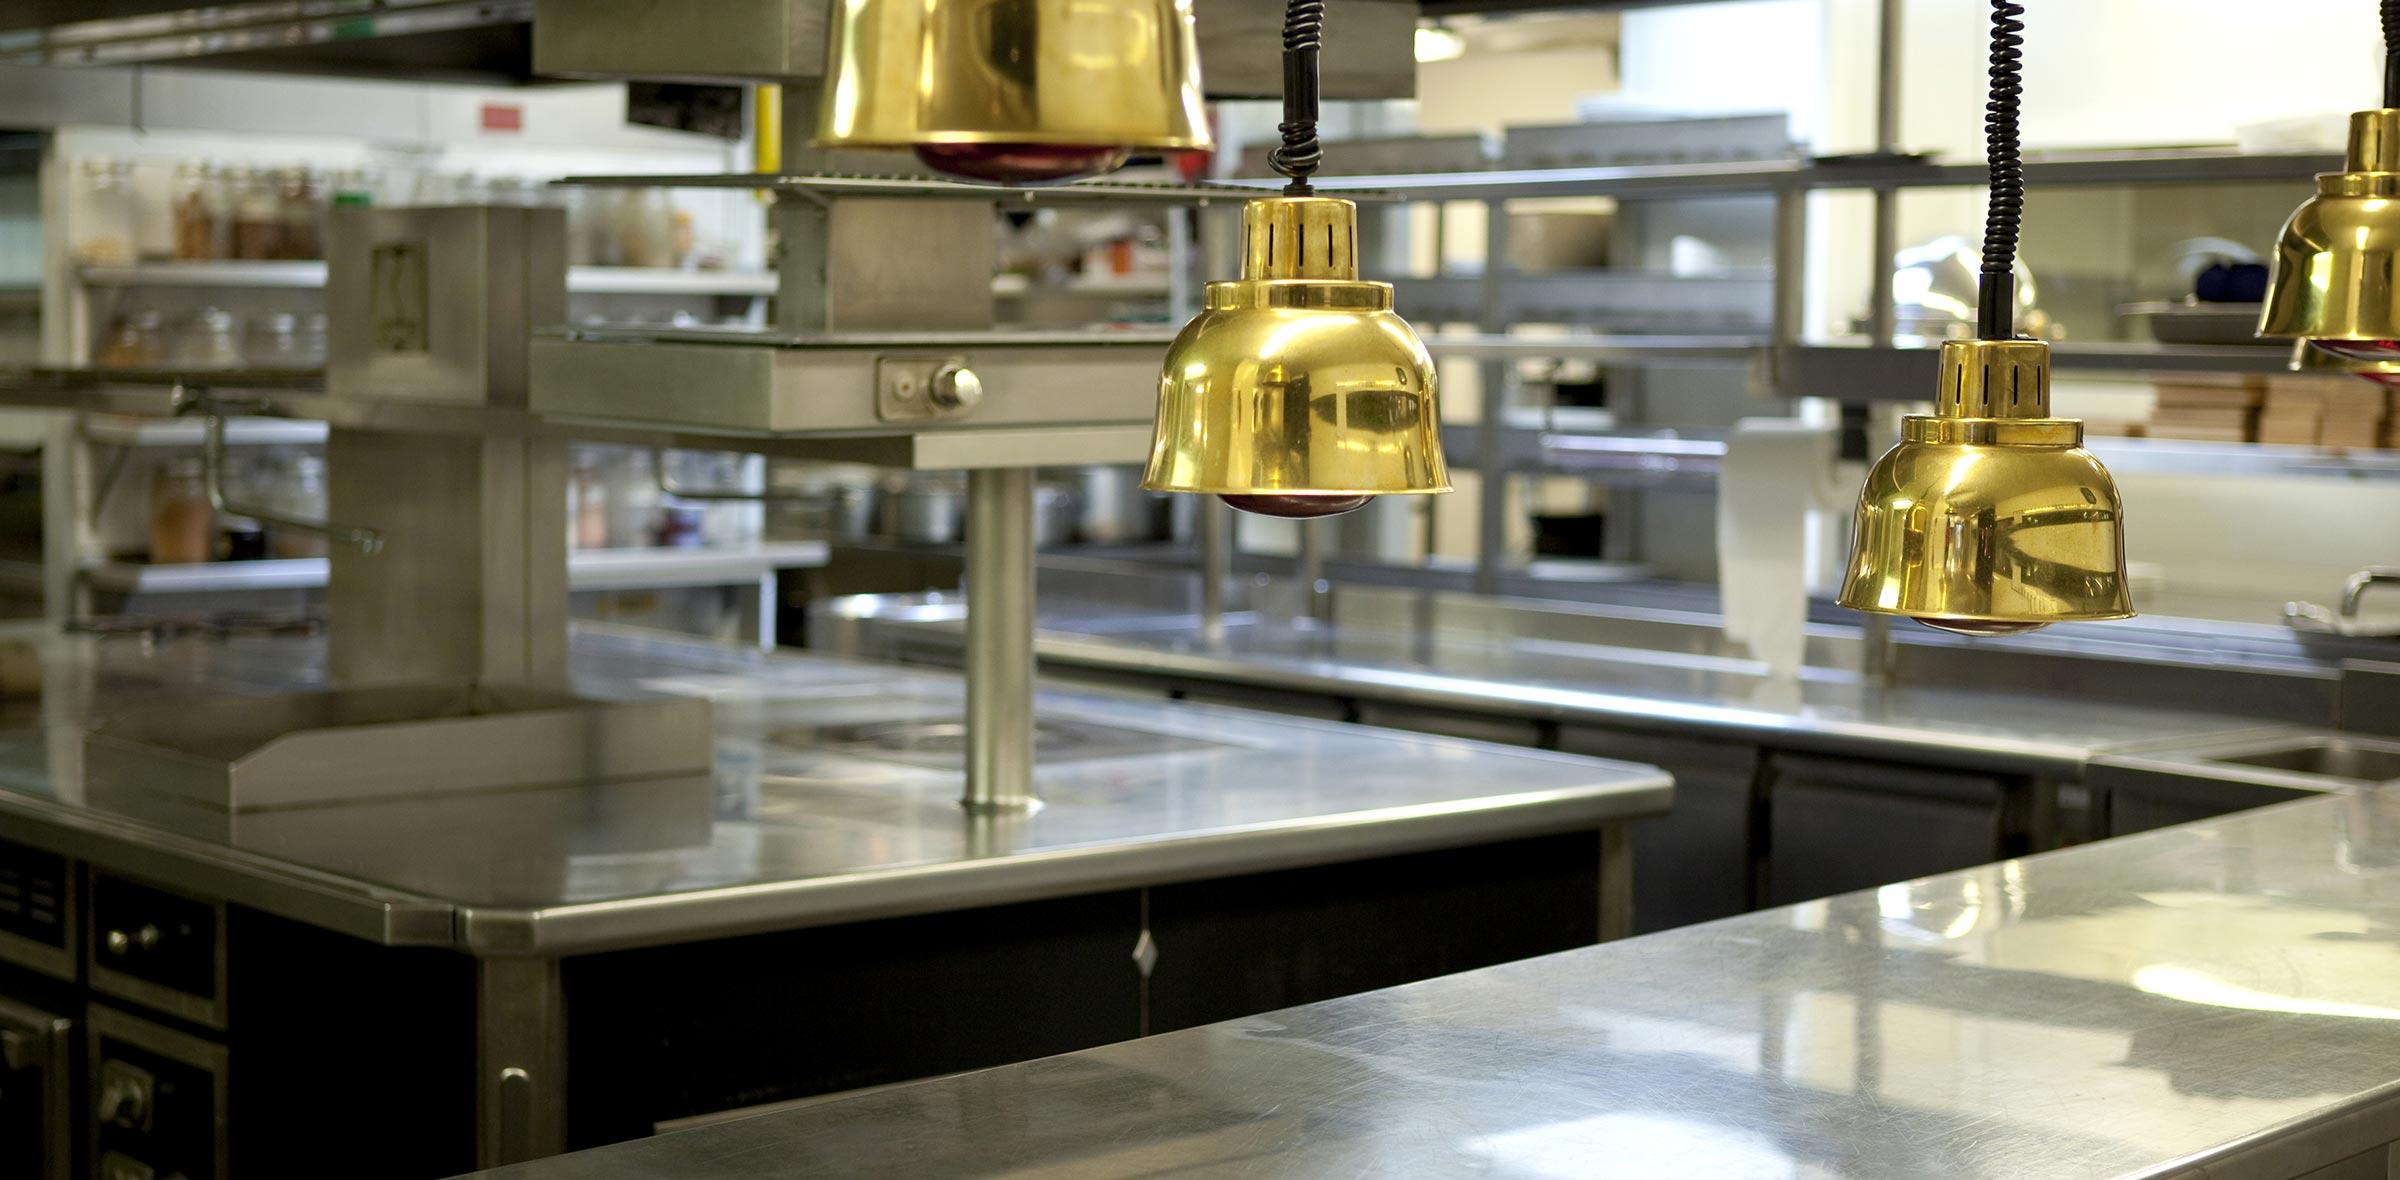 Gastronomie & Küche